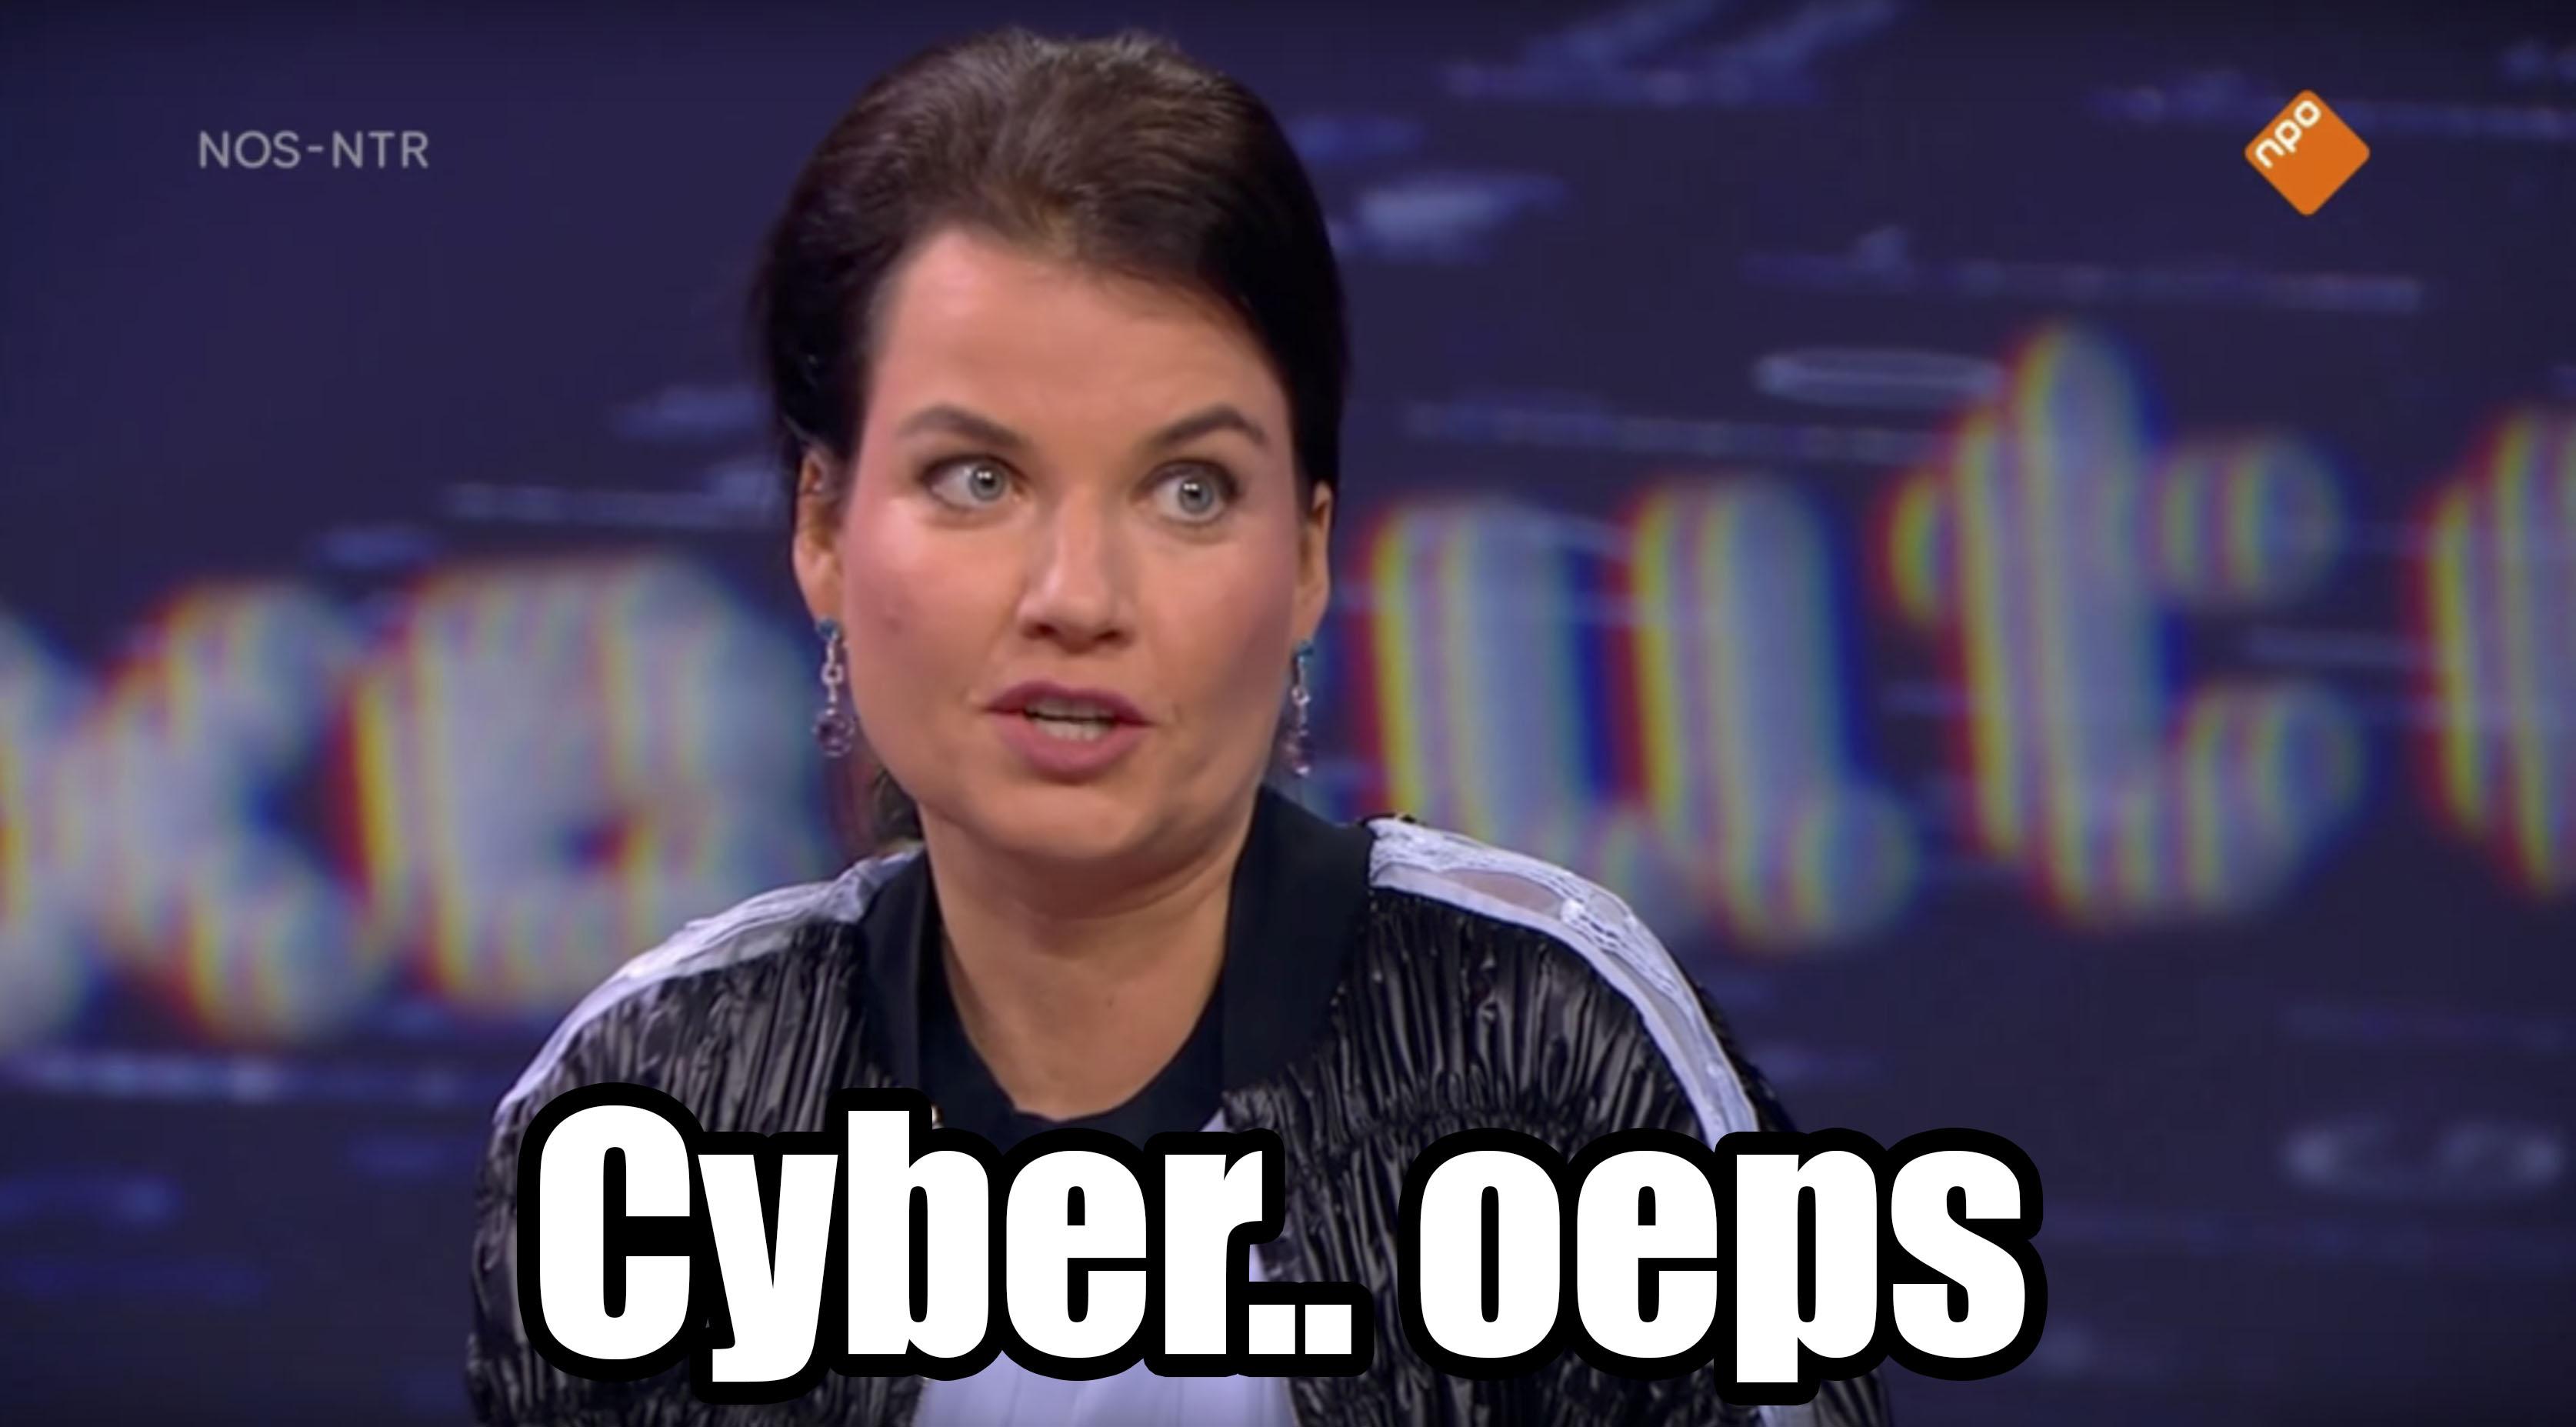 Het CYBER-verhaal van Rian van Rijbroek op Nieuwsuur, en waarom het niet klopt